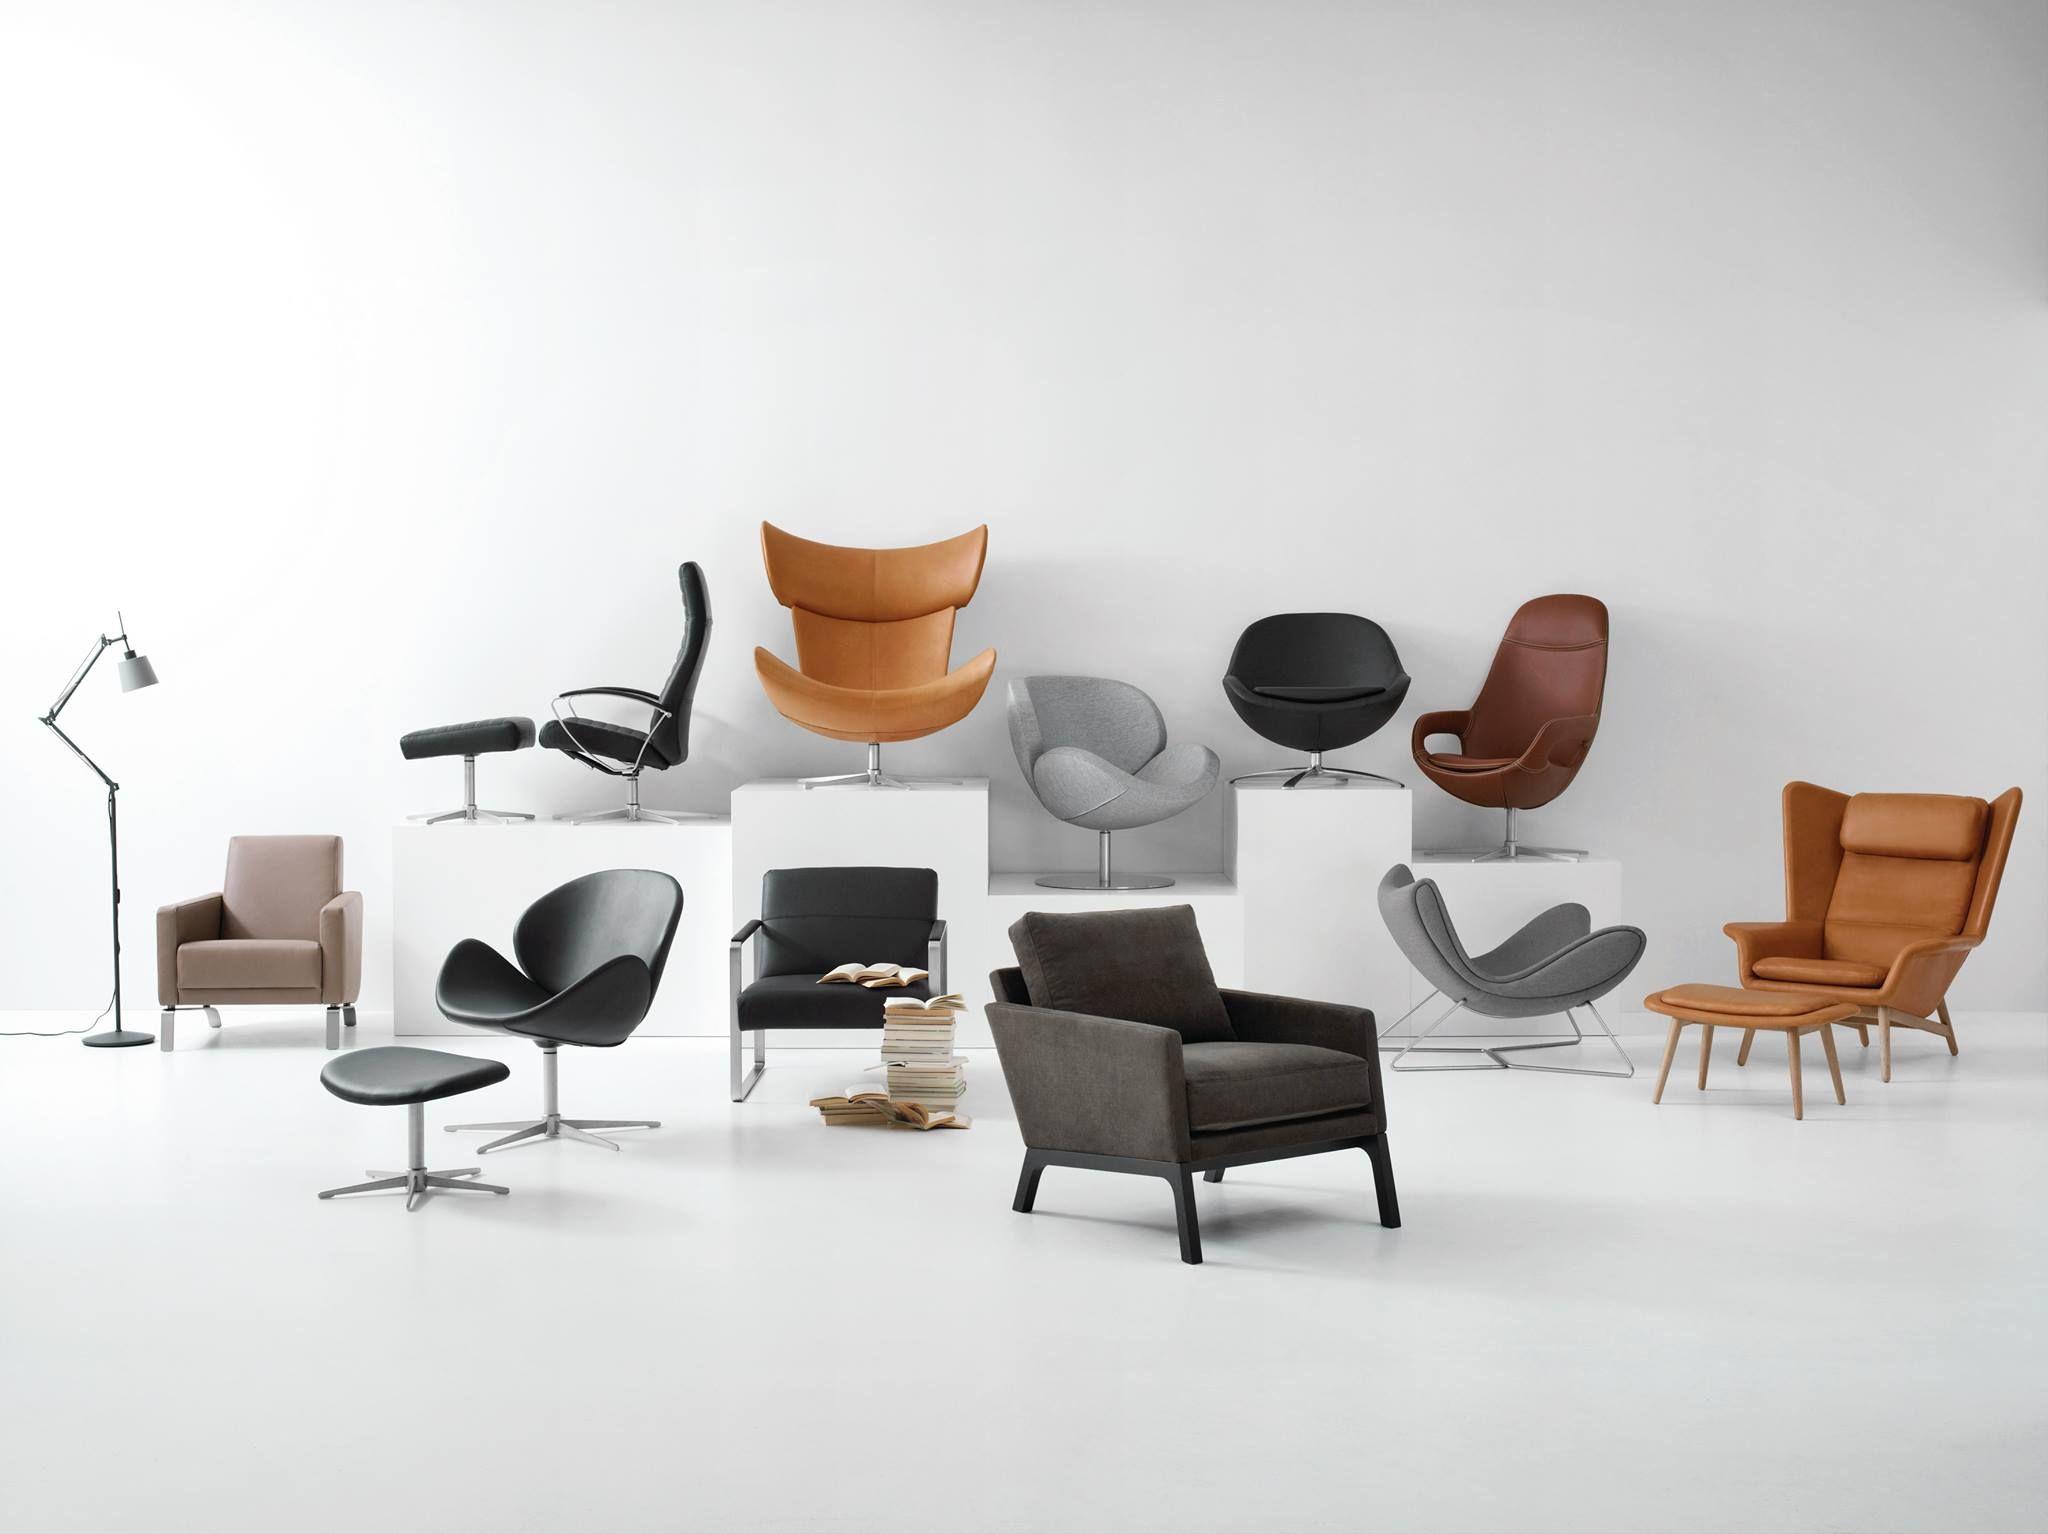 Stoelen stoelen en nog eens stoelen   BoConcept   Pinterest ...